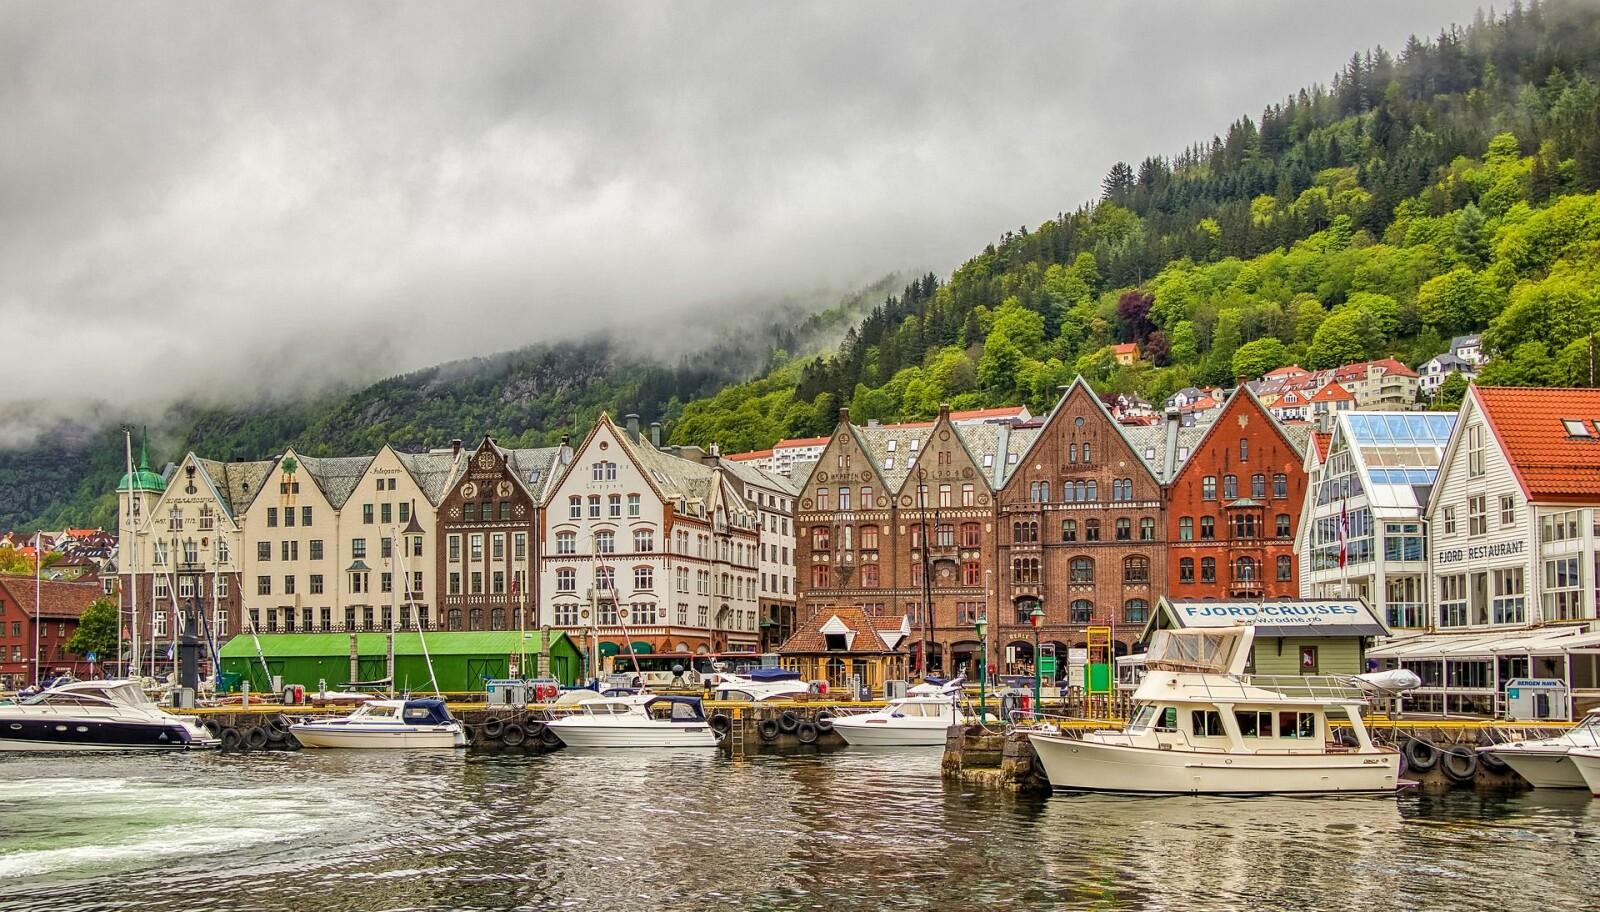 bilde fra norge, foto pixabay